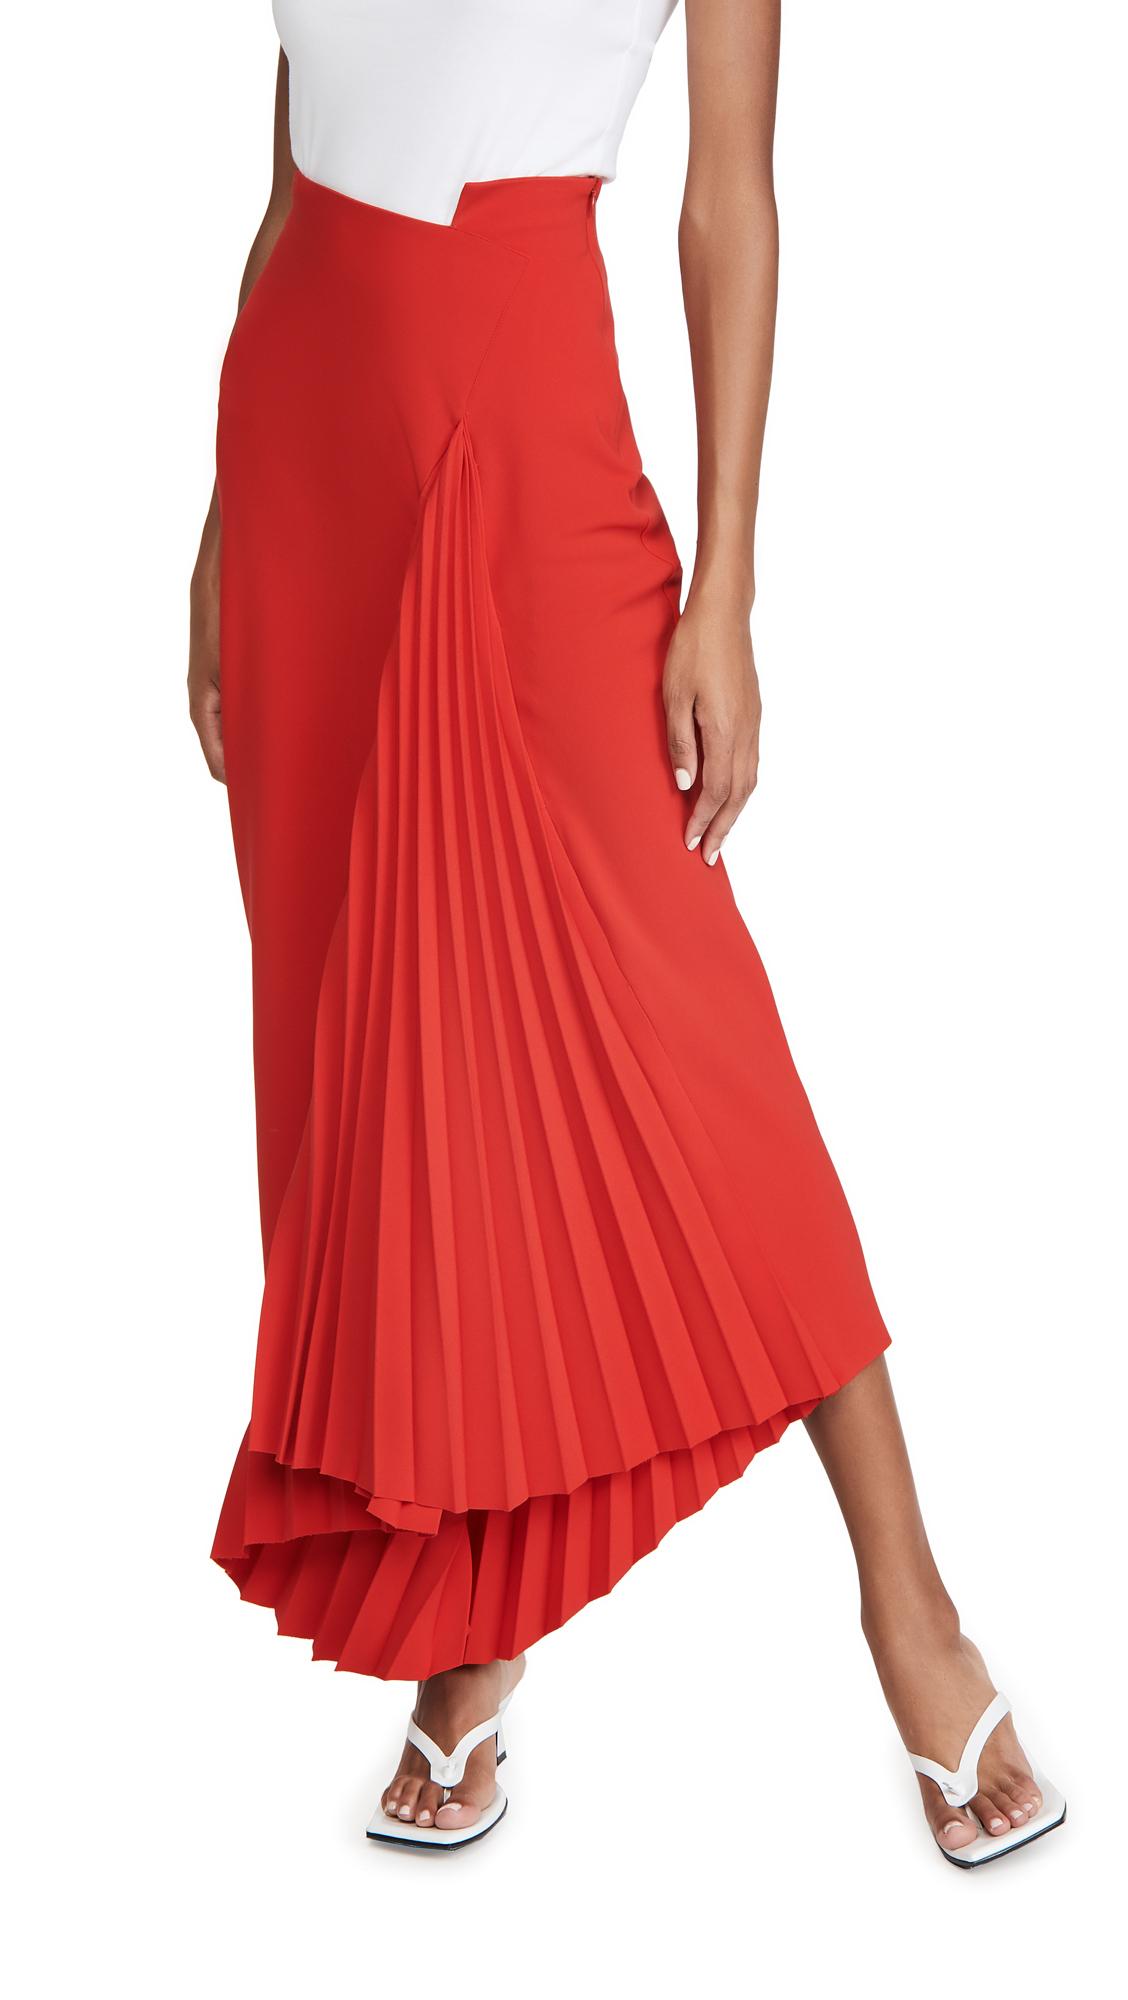 A.w.a.k.e. Pleated Maxi Skirt